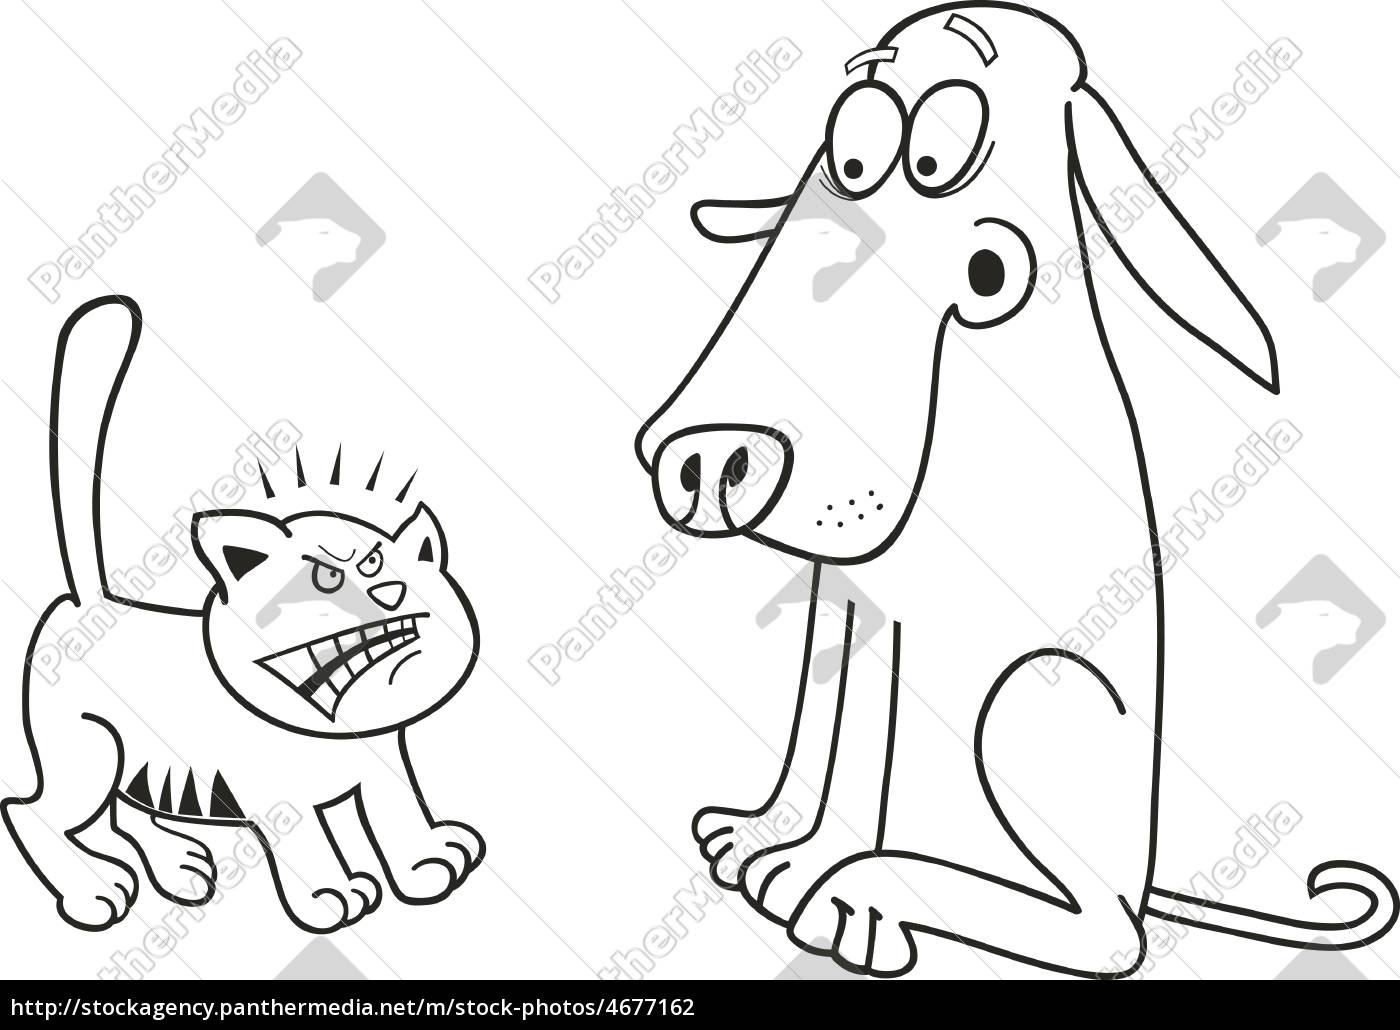 gatito y perro para colorear libro - Stockphoto - #4677162 - Agencia ...